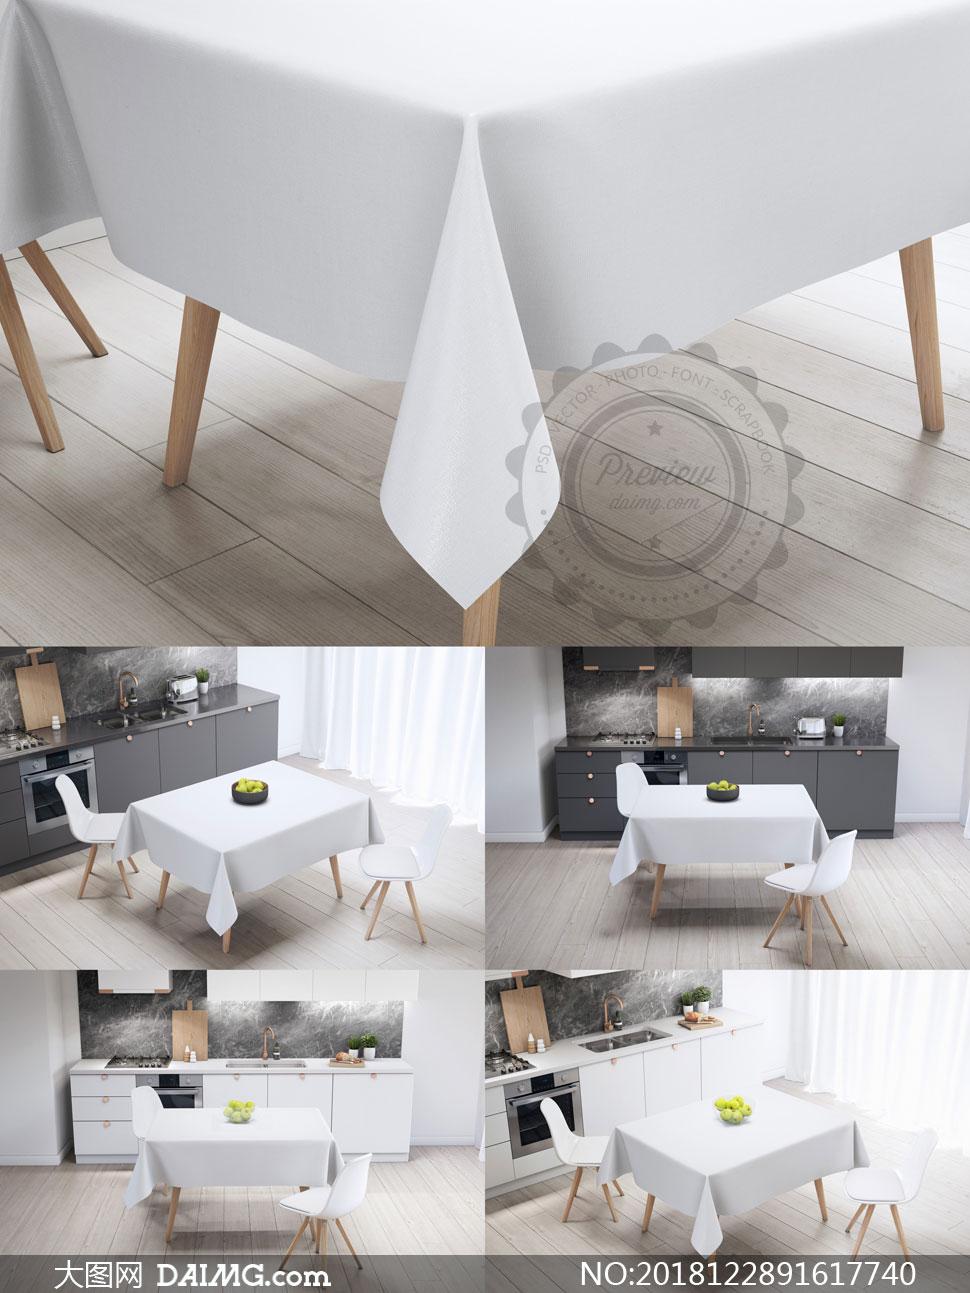 厨房餐桌上的桌布图案应用效果模板